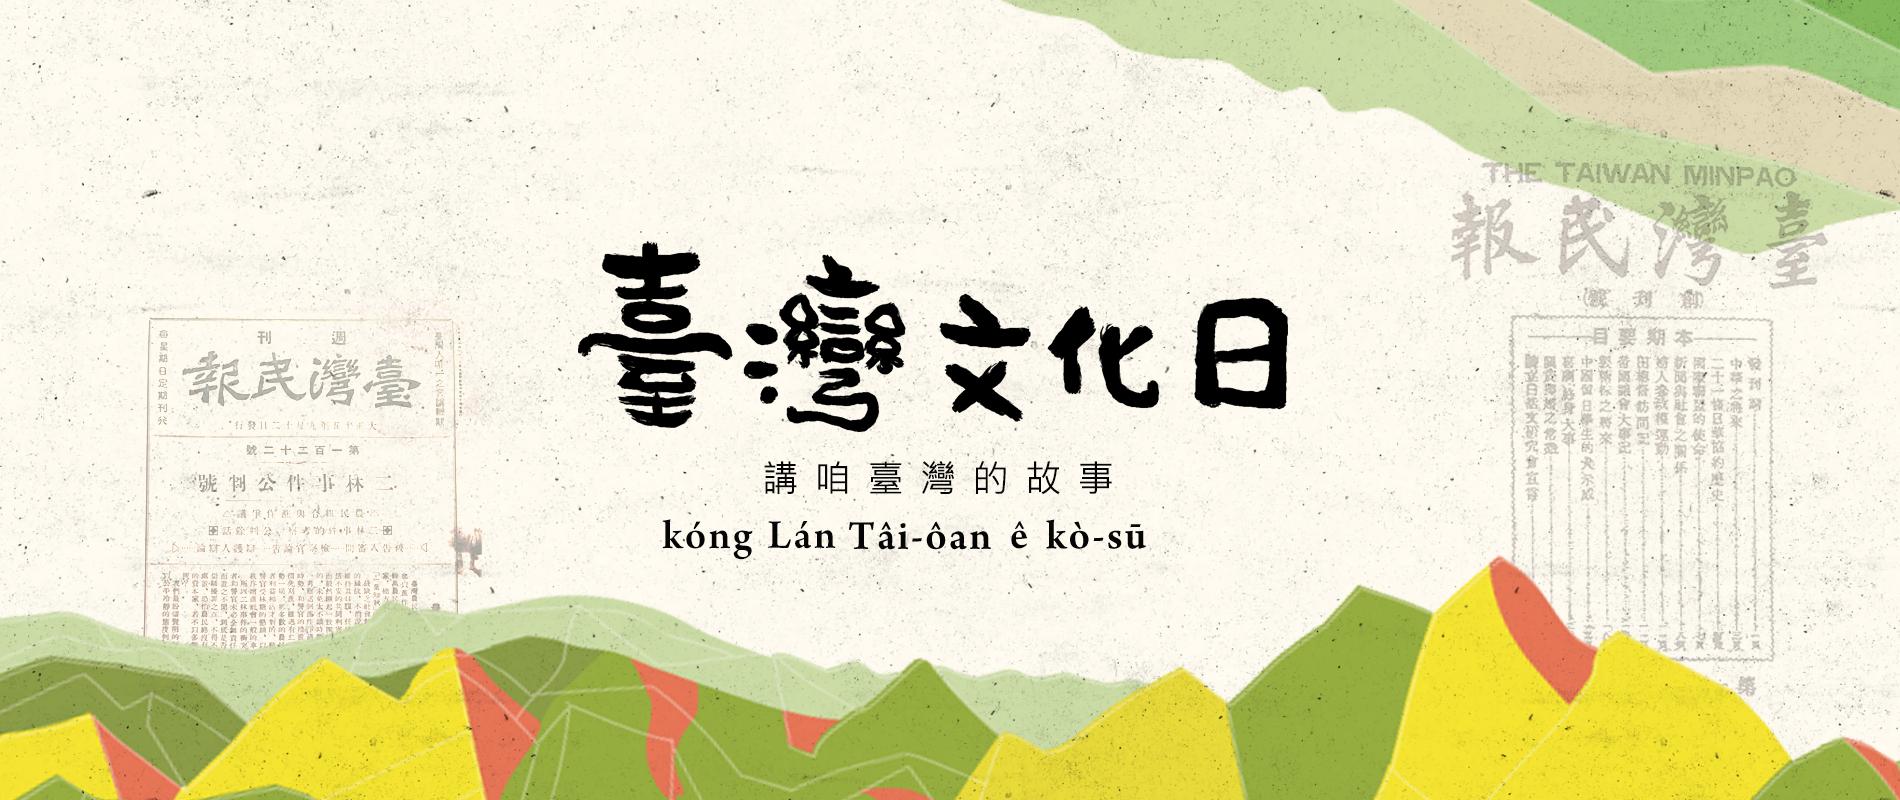 推廣臺灣文化日來趟臺南文化之旅